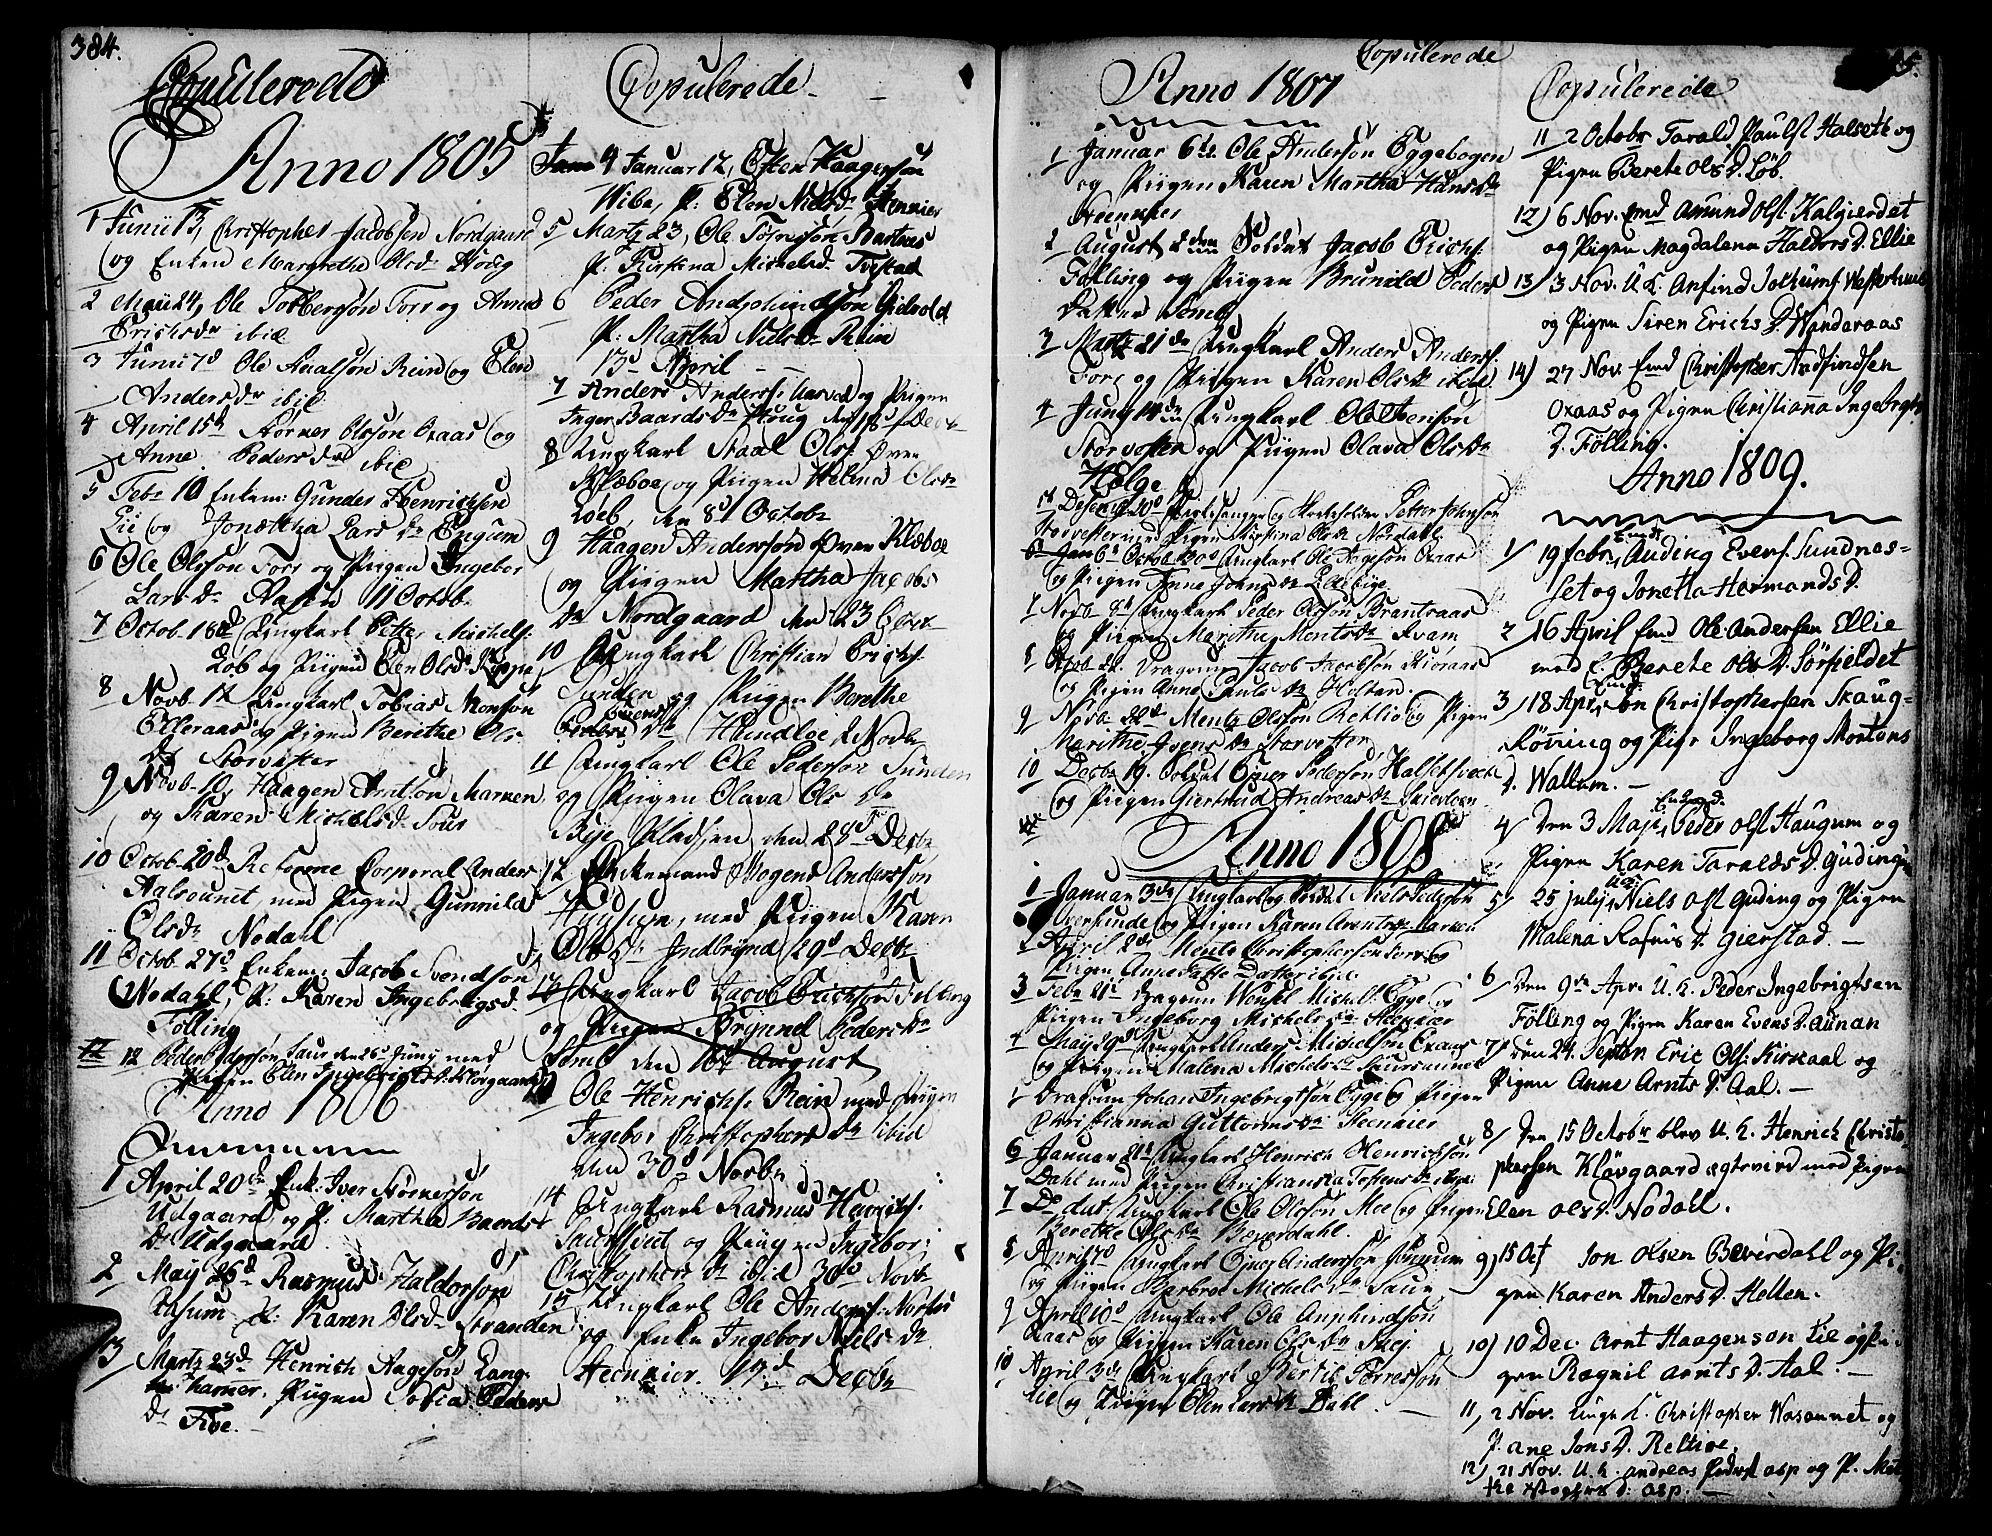 SAT, Ministerialprotokoller, klokkerbøker og fødselsregistre - Nord-Trøndelag, 746/L0440: Ministerialbok nr. 746A02, 1760-1815, s. 384-385